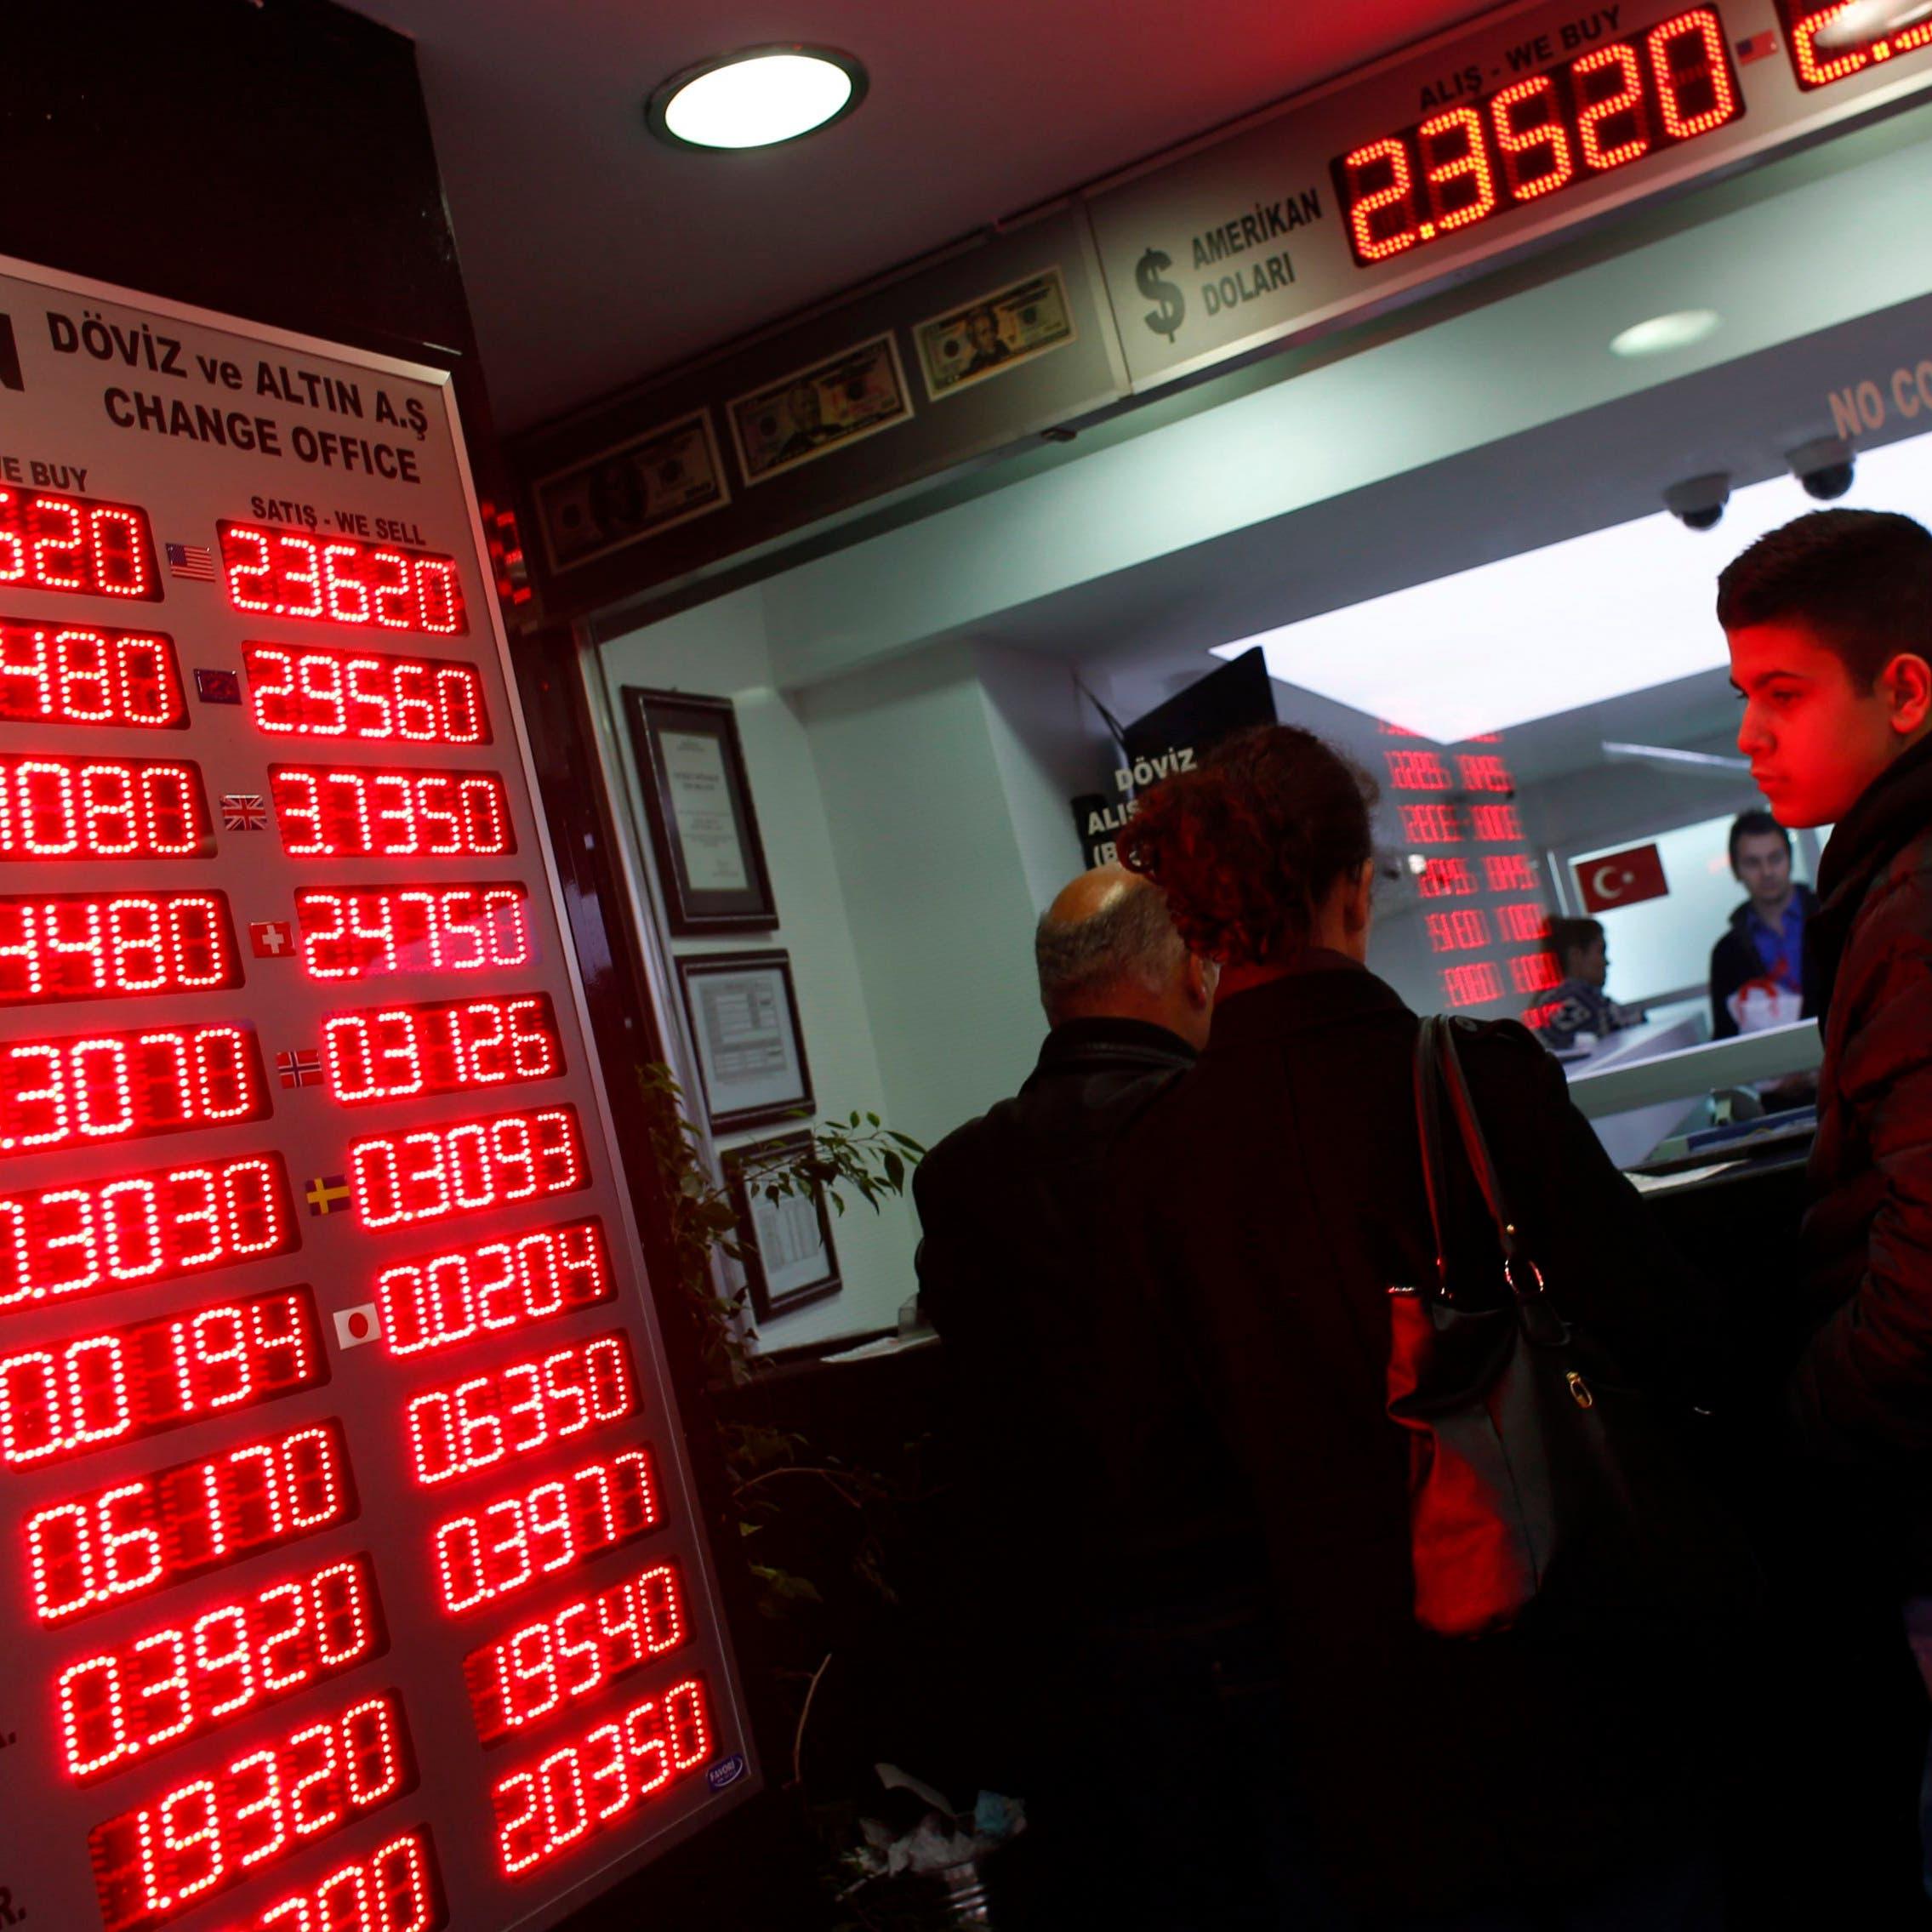 الليرة التركية تحافظ على مكانتها كأسوأ عملة بين الأسواق الناشئة